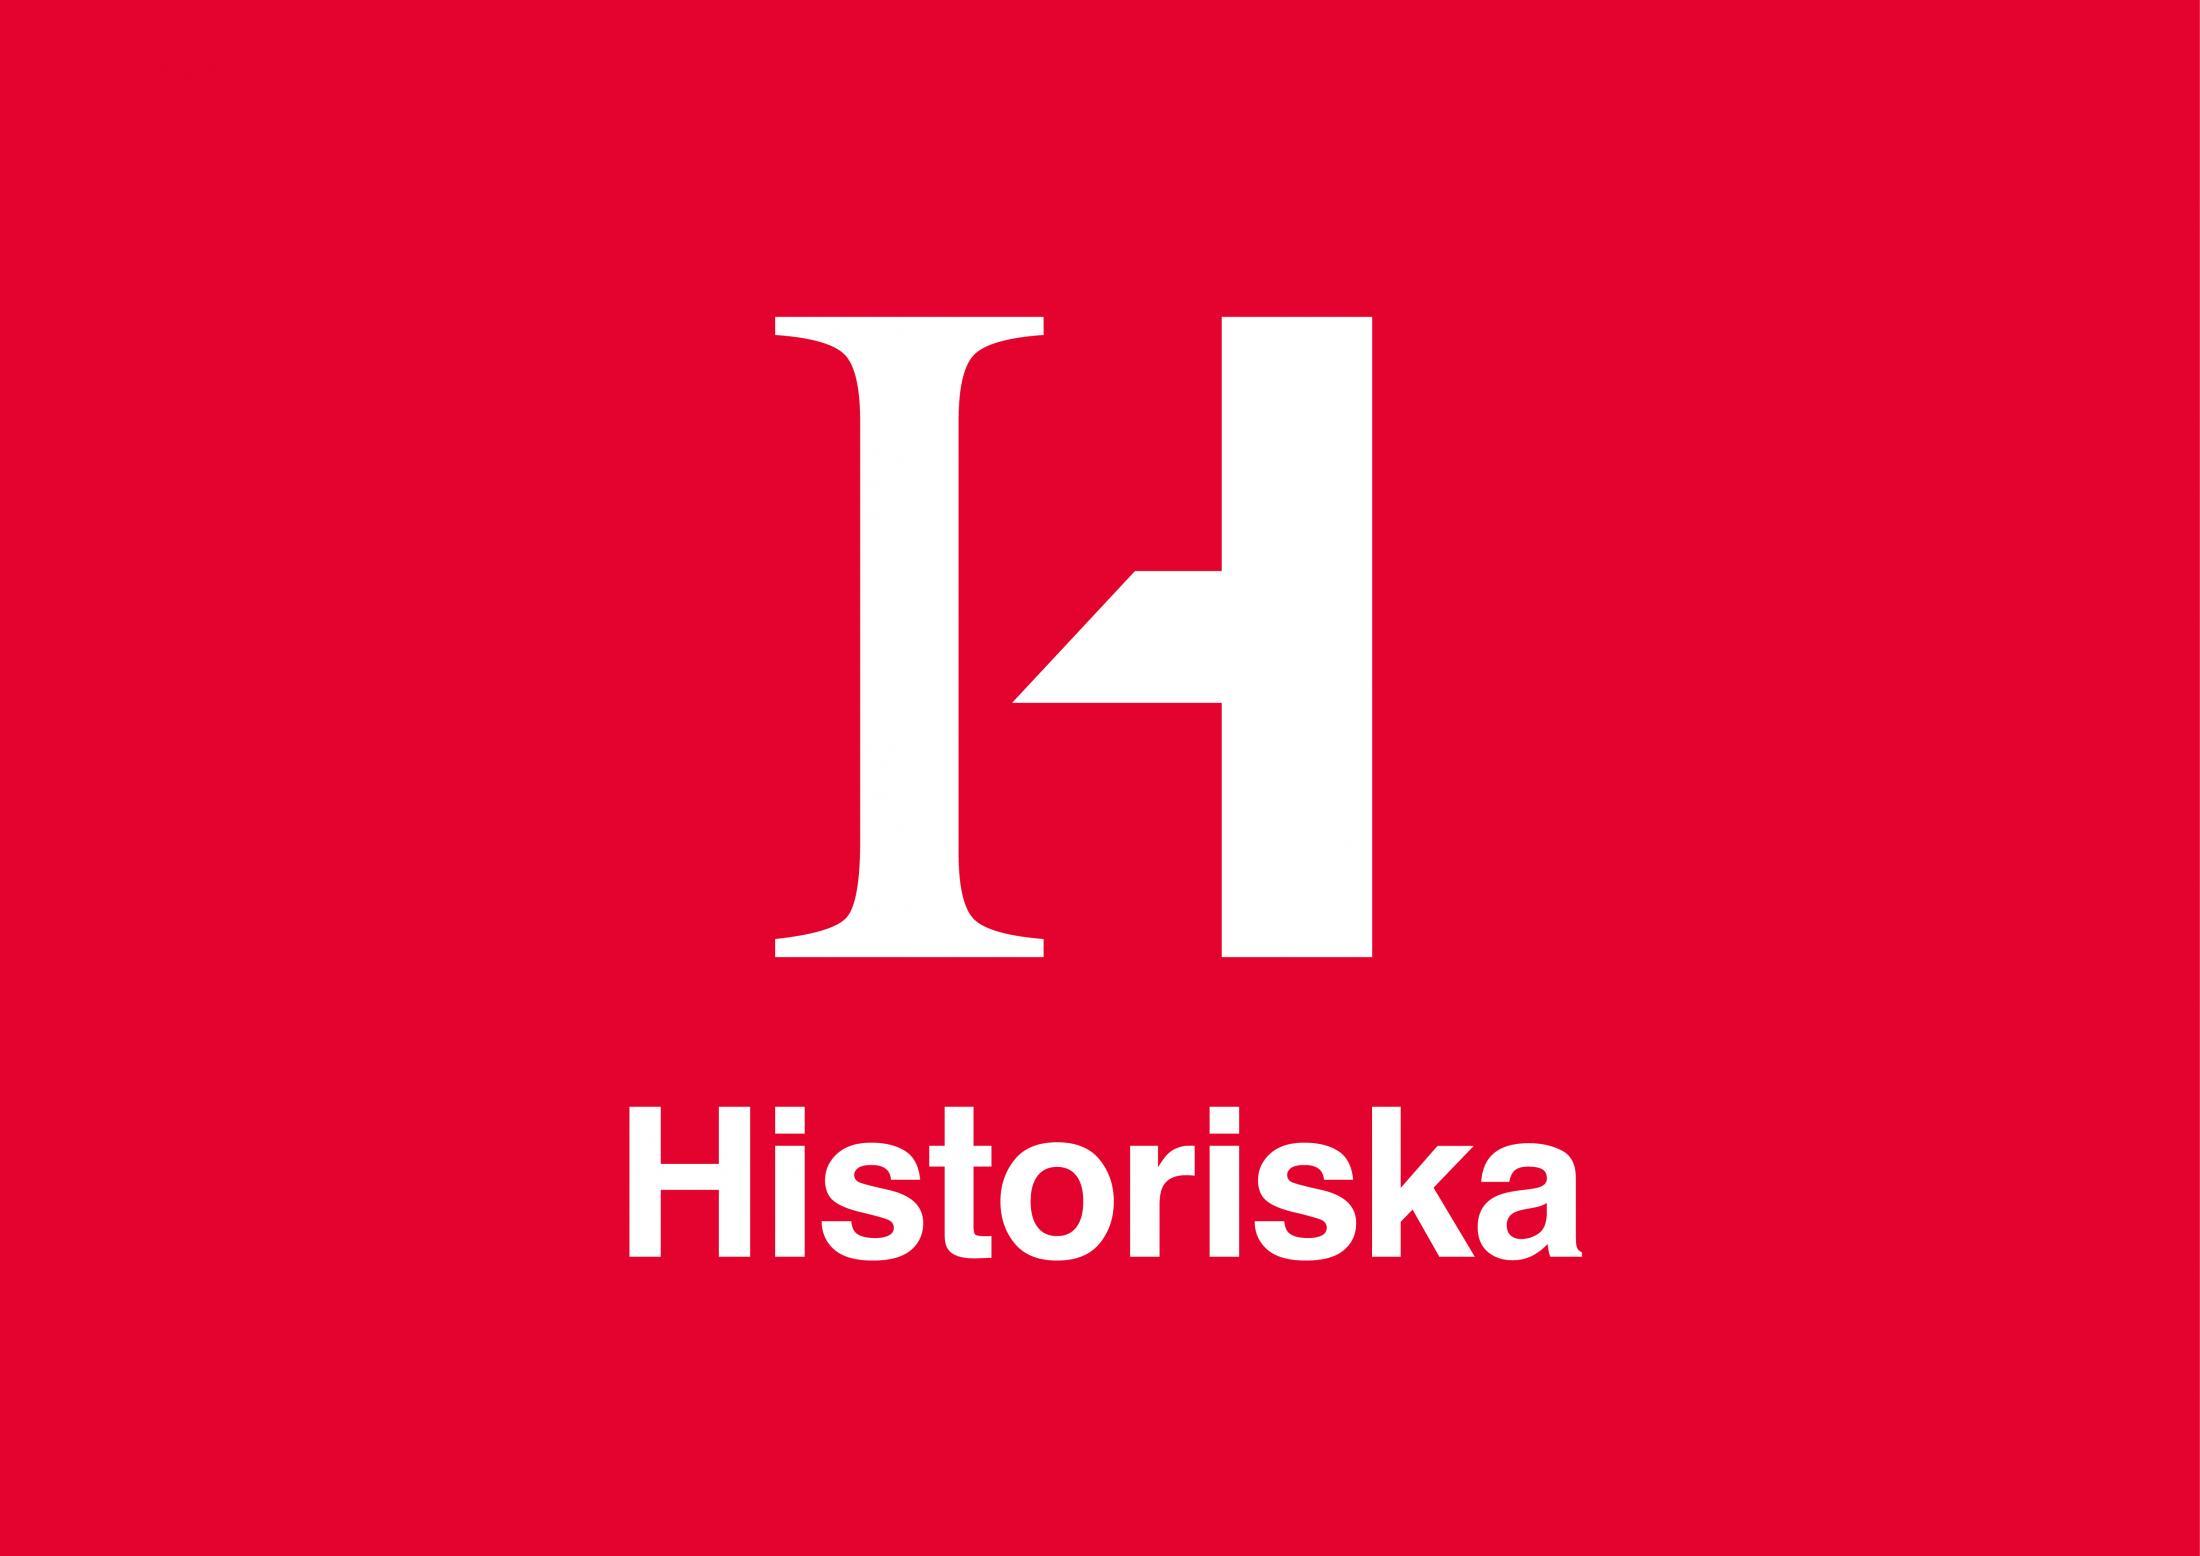 Thumbnail for Historiska